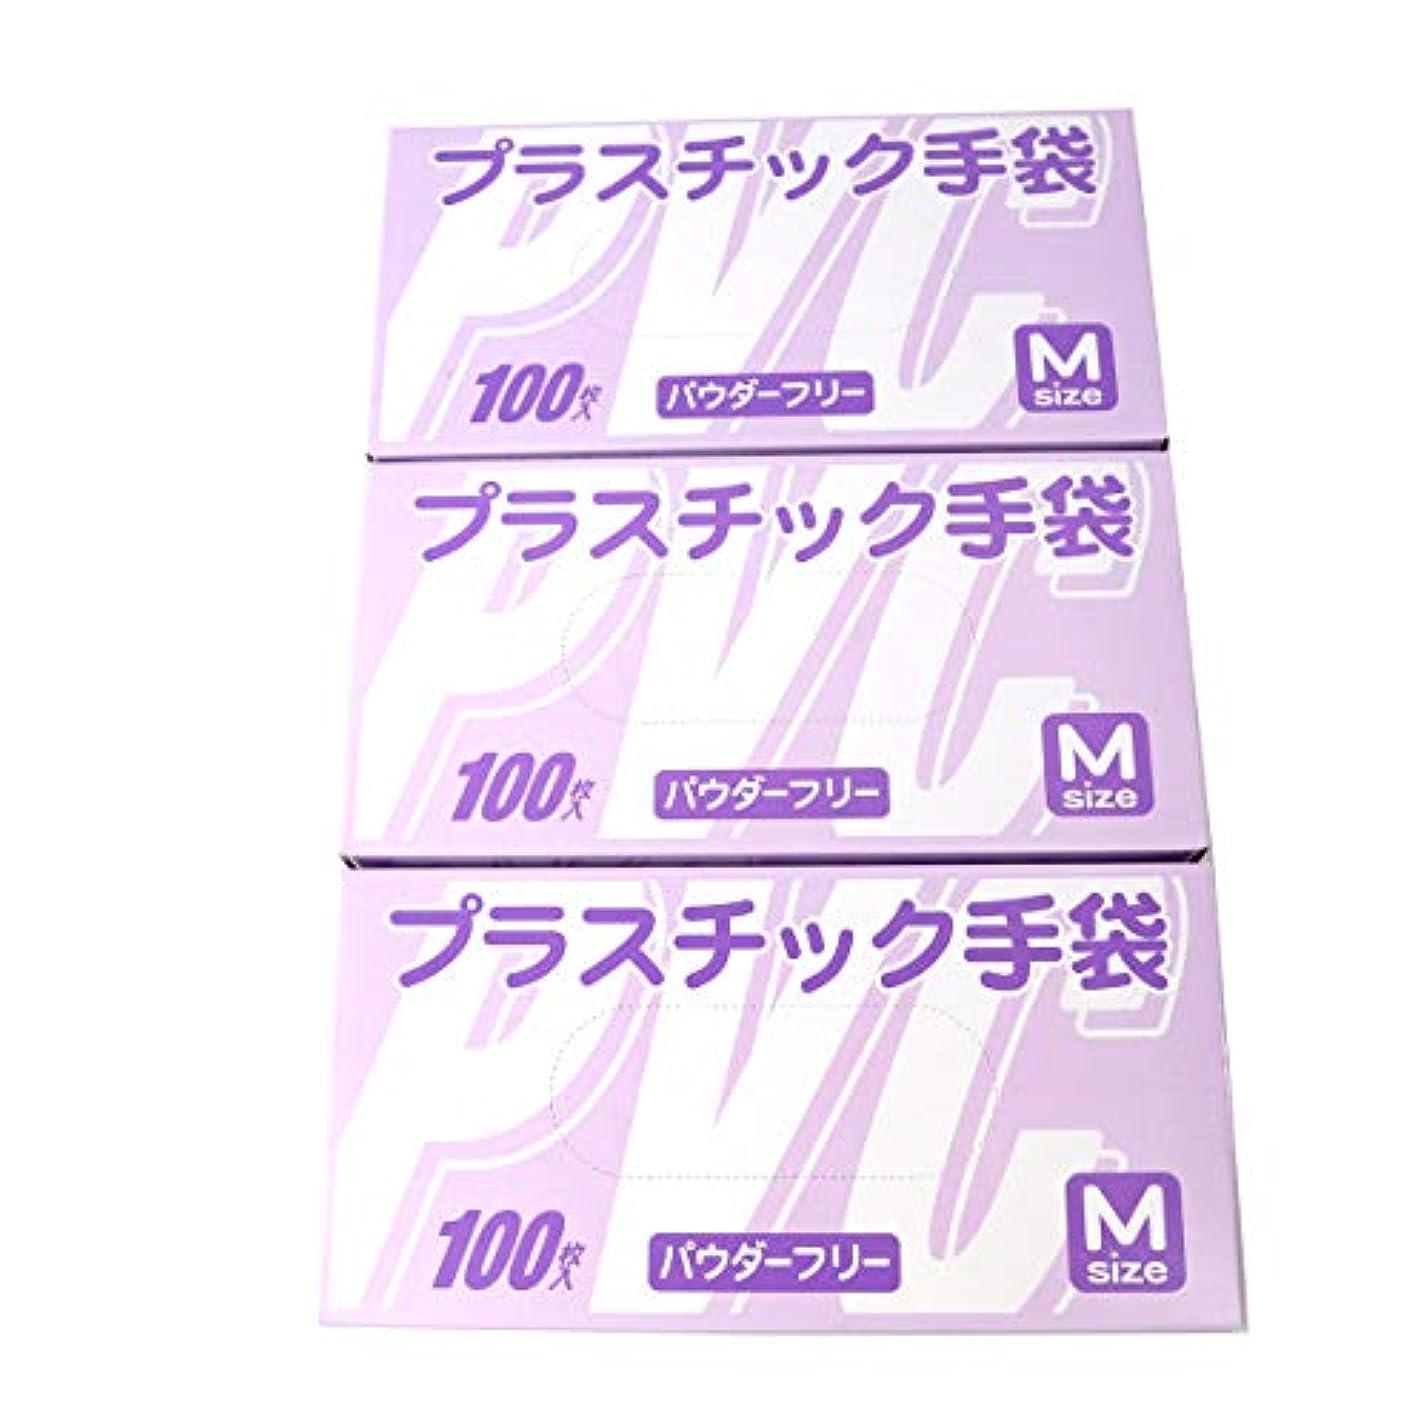 ラオス人うるさい意義【お得なセット商品】使い捨て手袋 プラスチックグローブ 粉なし Mサイズ 100枚入×3個セット 超薄手 100422